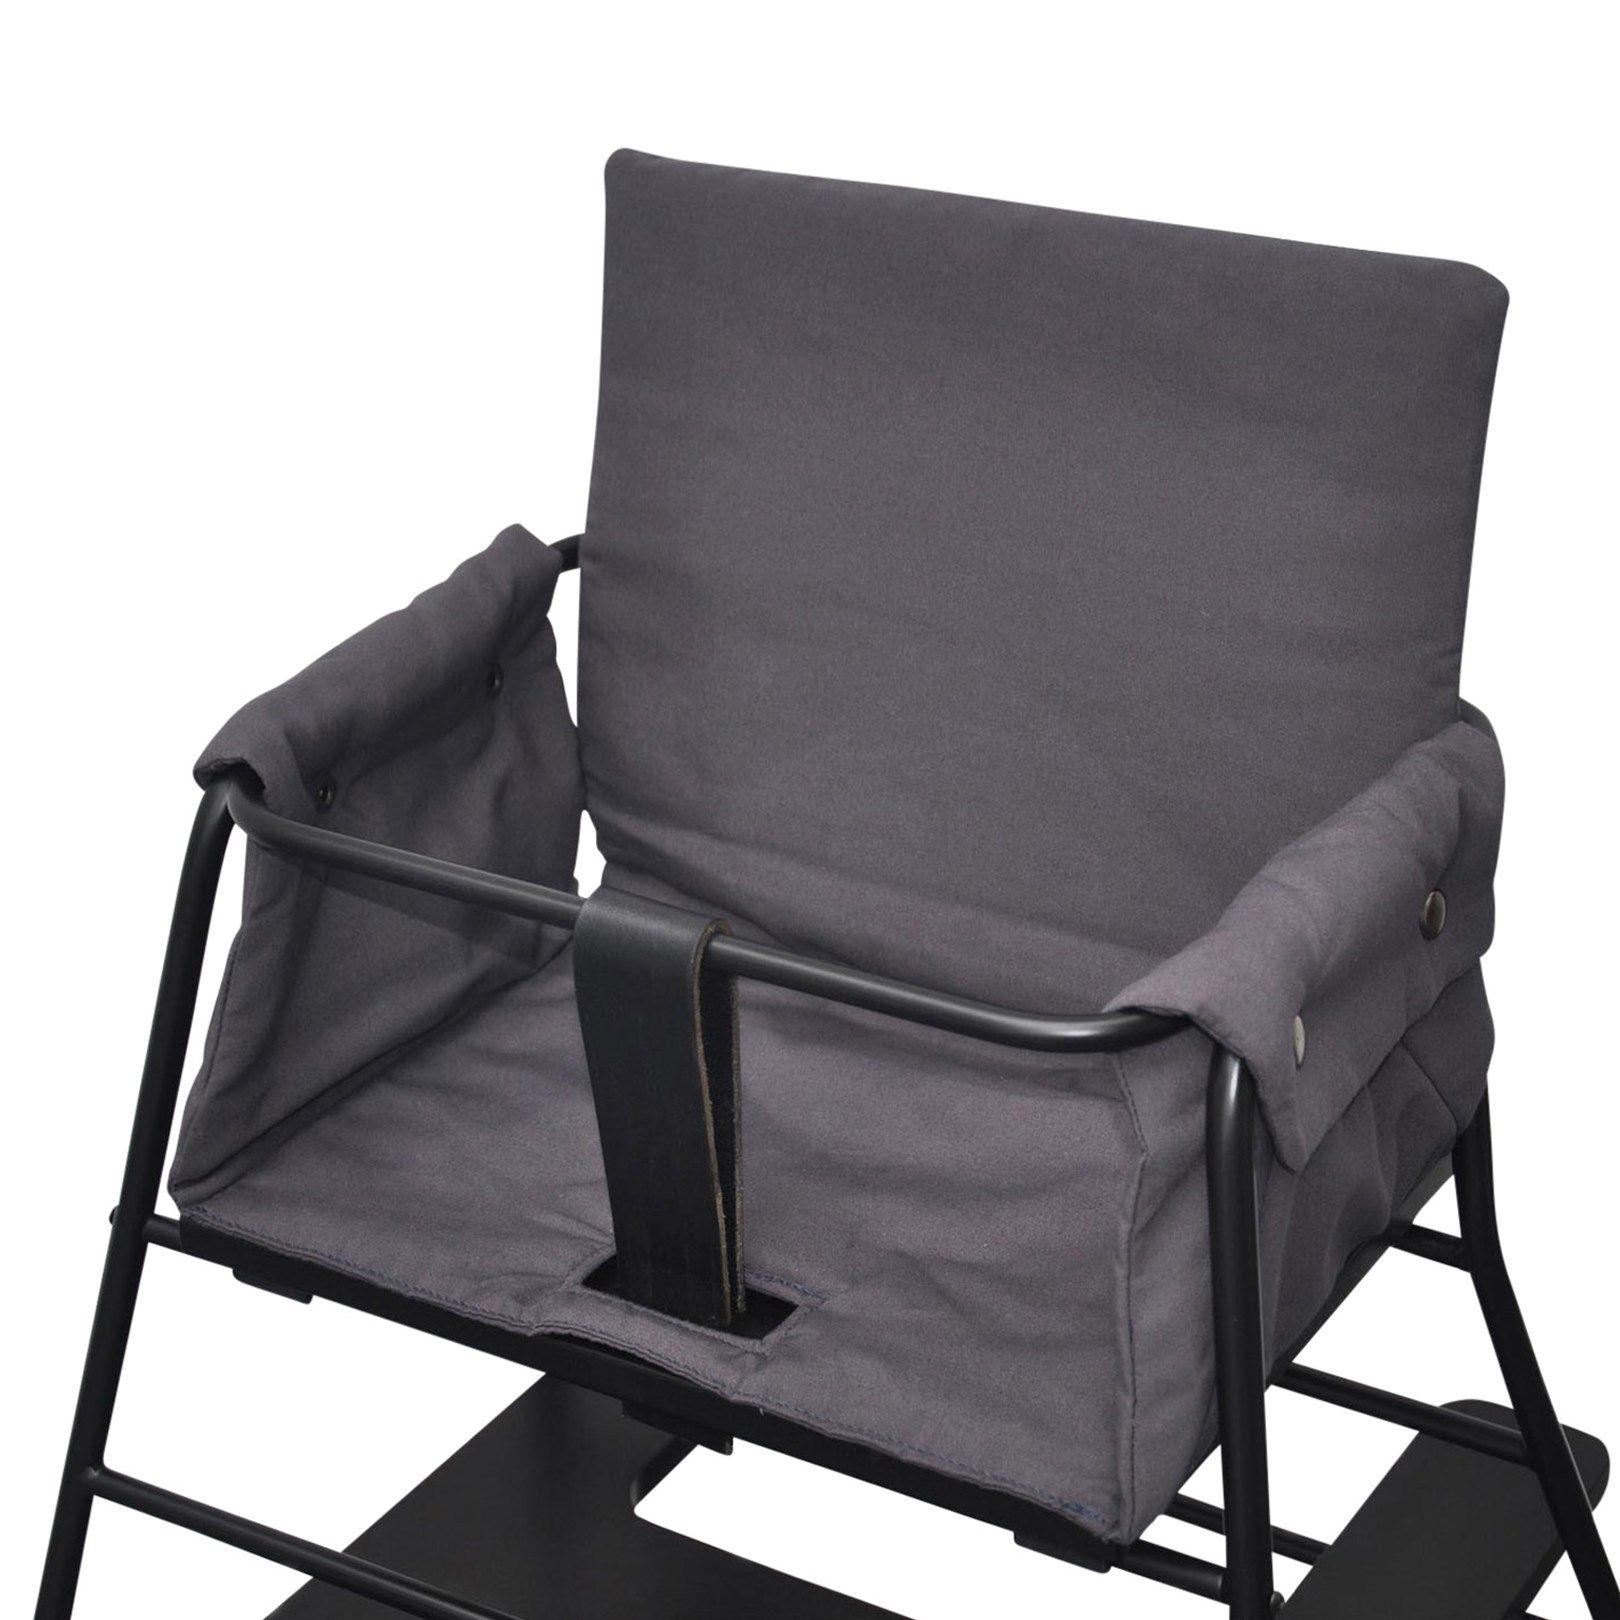 BudtzBendix Cushion Grey Multi